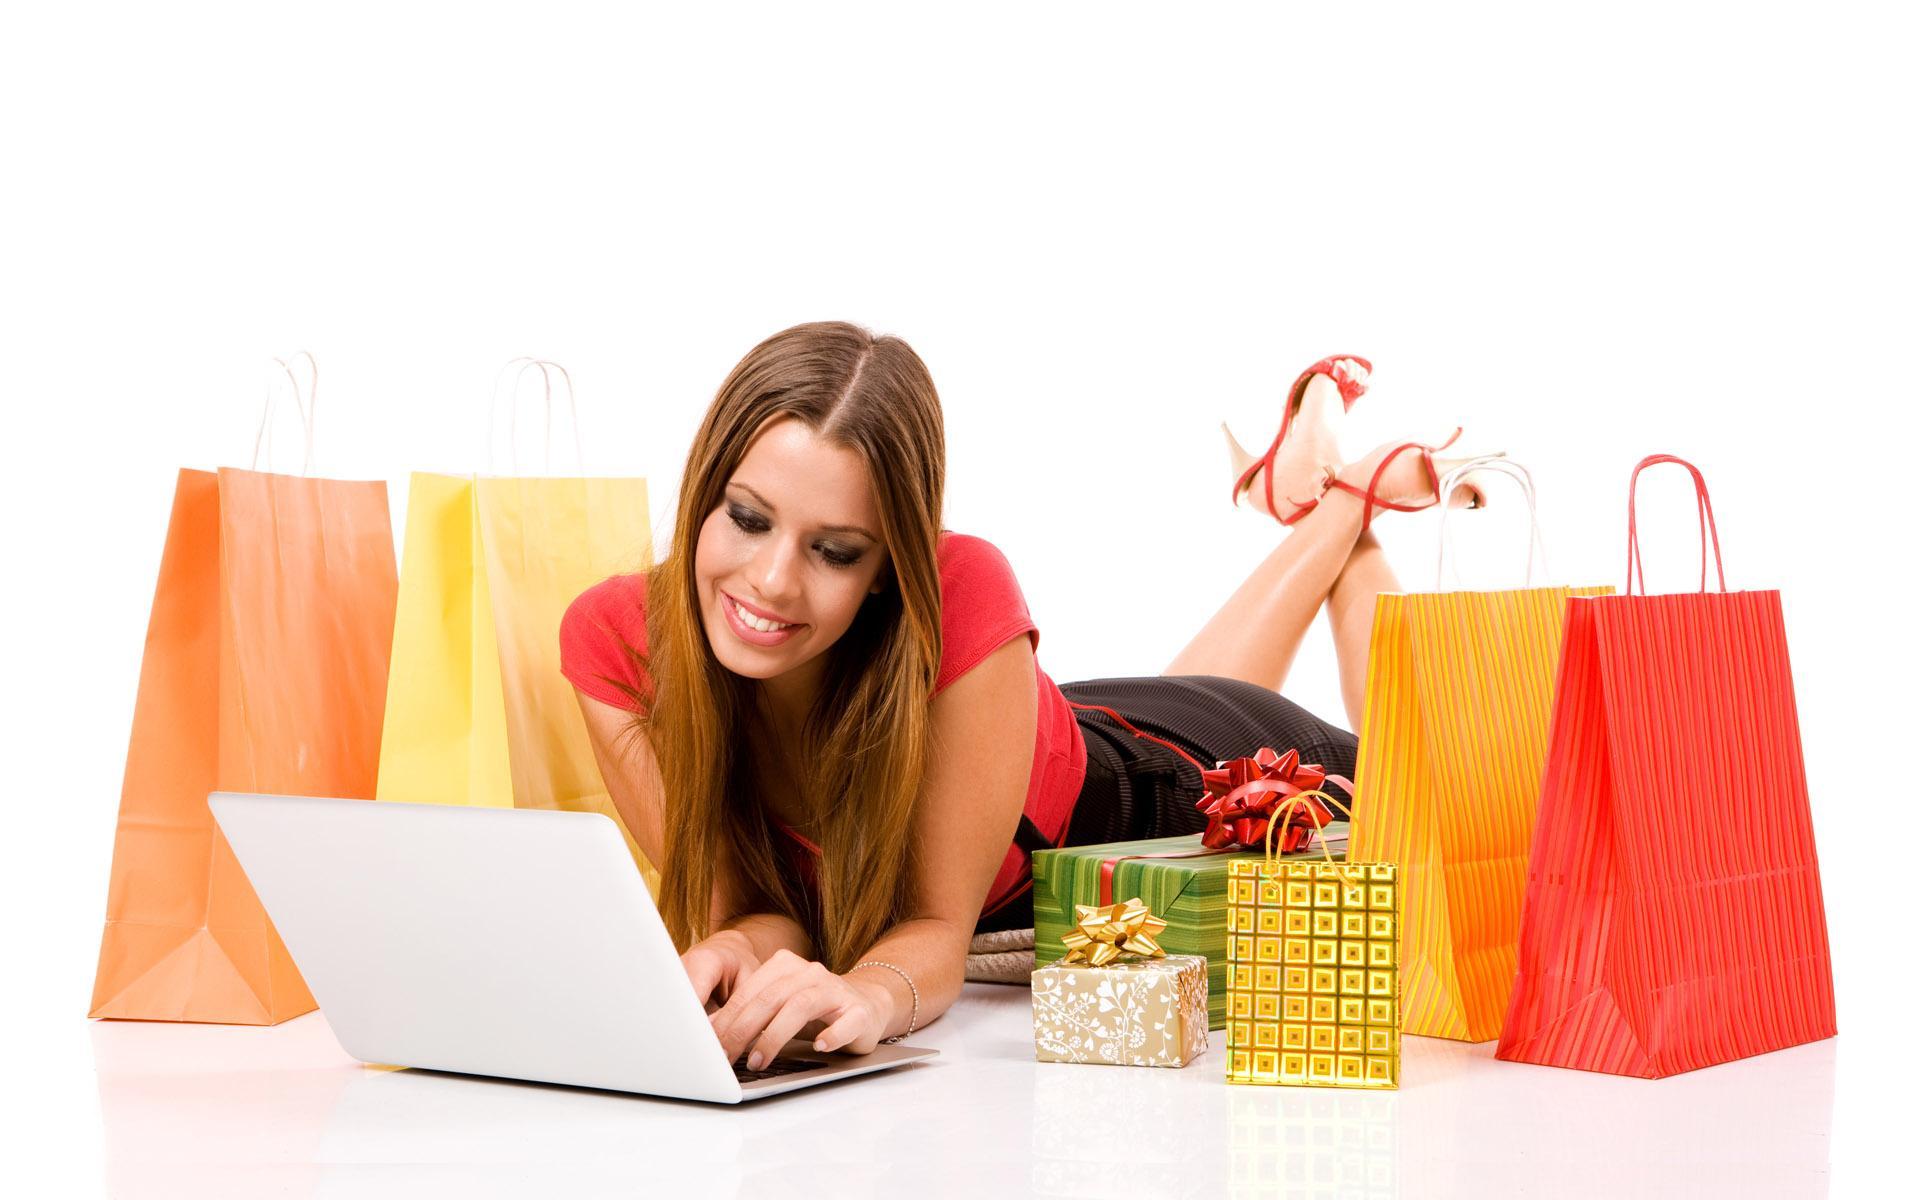 El 85% de los internautas realiza compras online